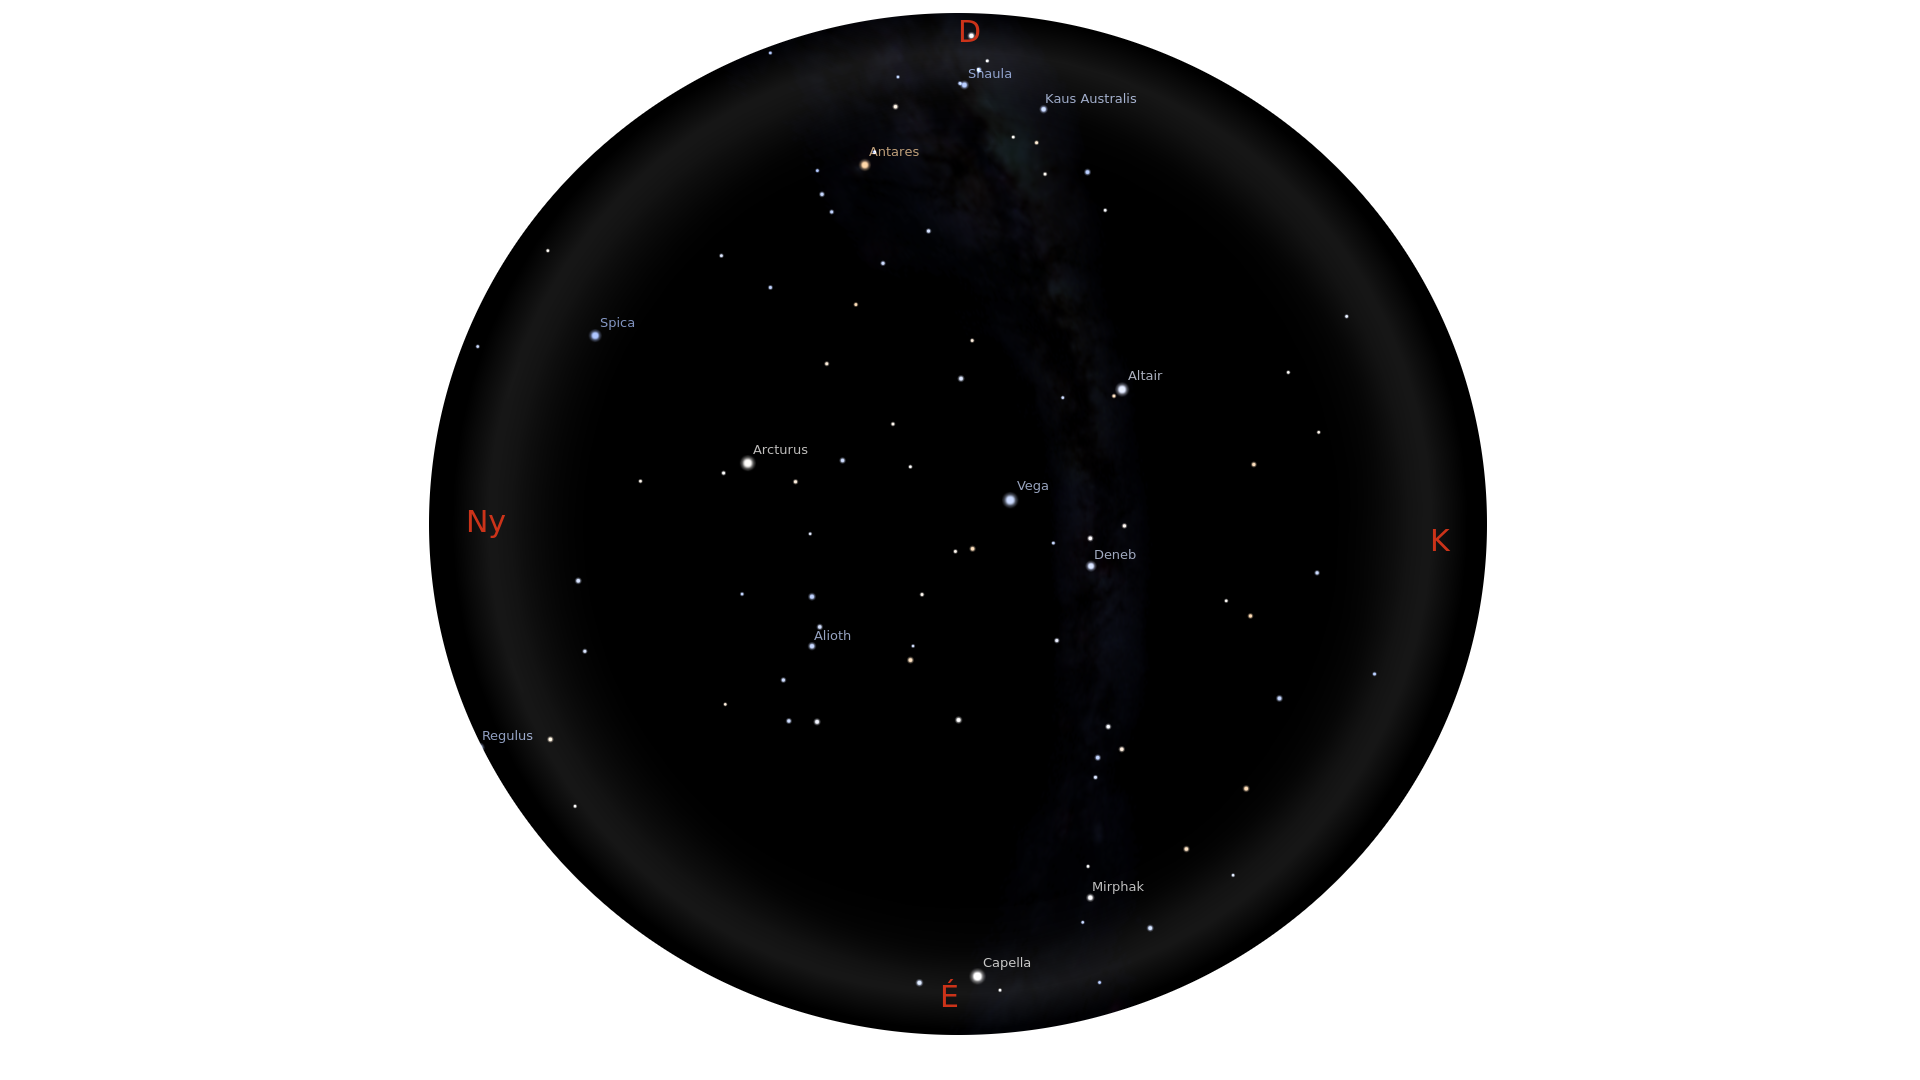 Nyári csillagok, 3-as határmagnitúdó